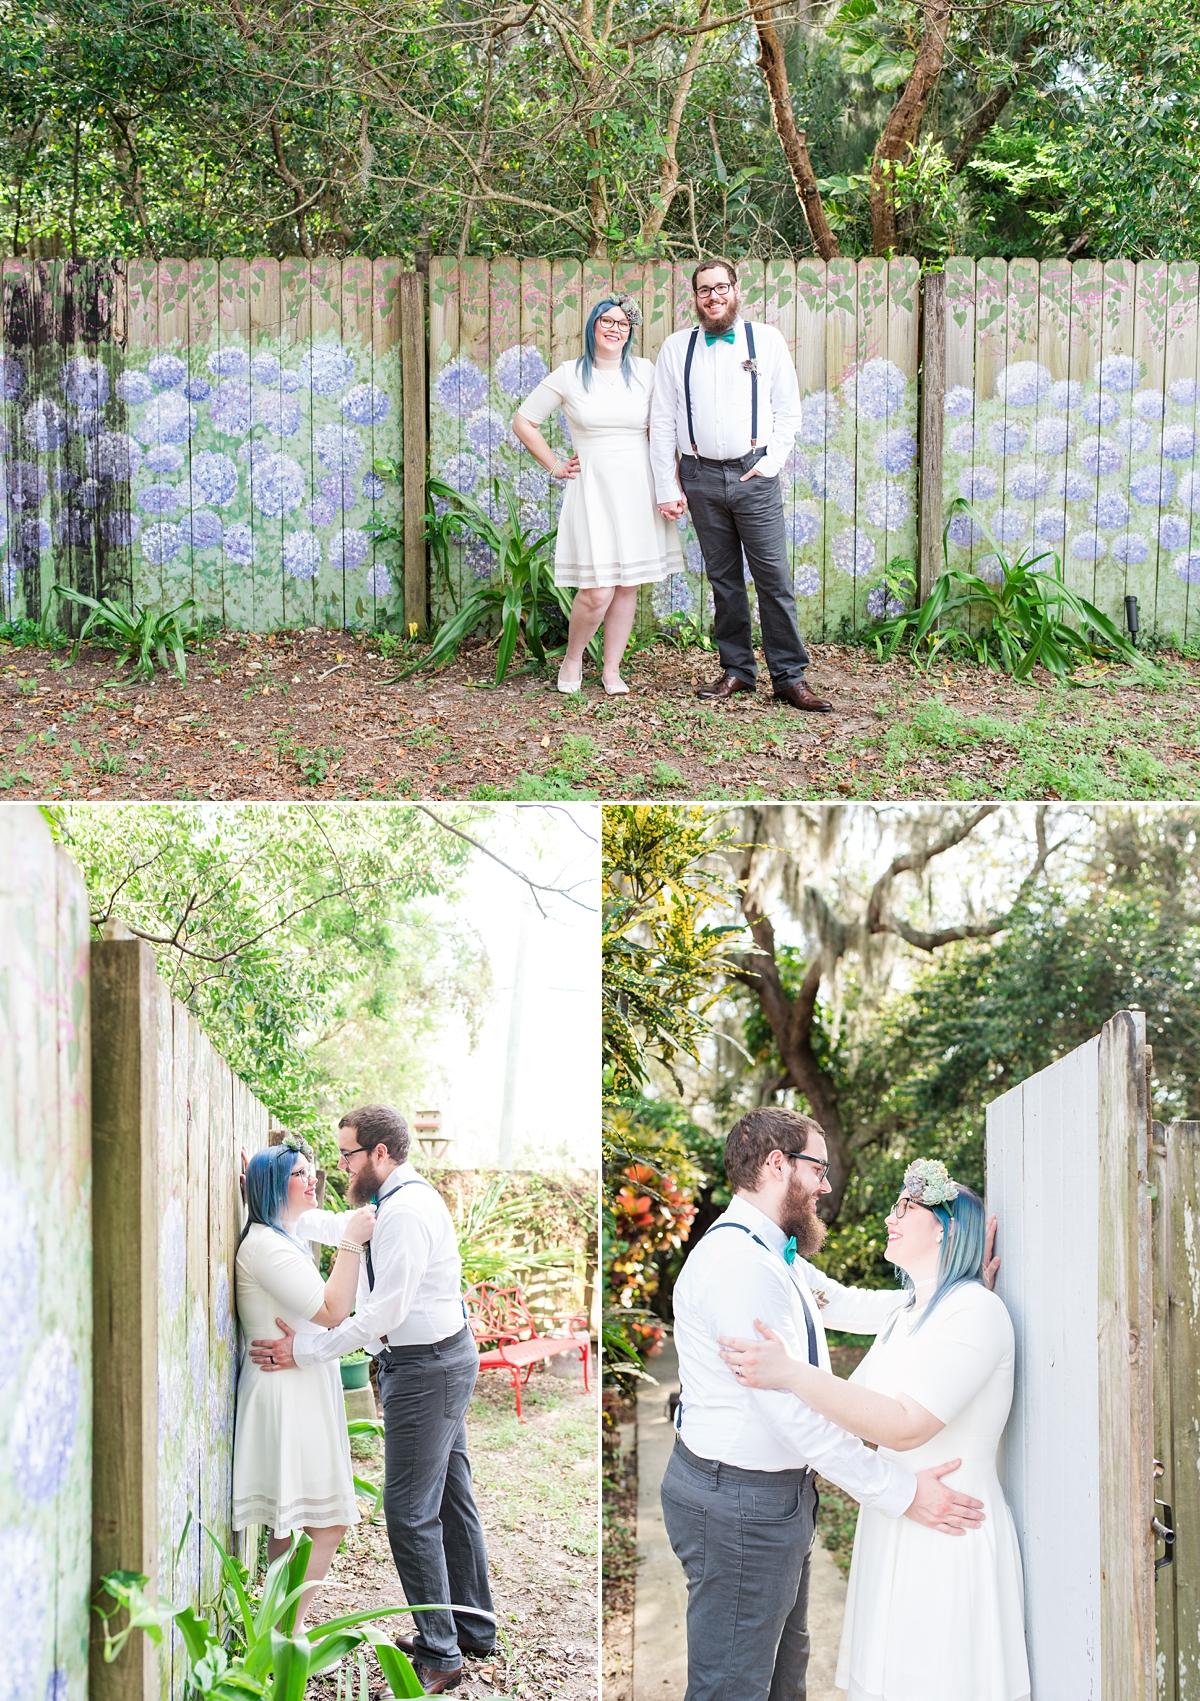 Titusville Florida Wedding_Elopement Photos_Blue Hair_Succulent Bouquet_Elopement Inspiration_22.jpg